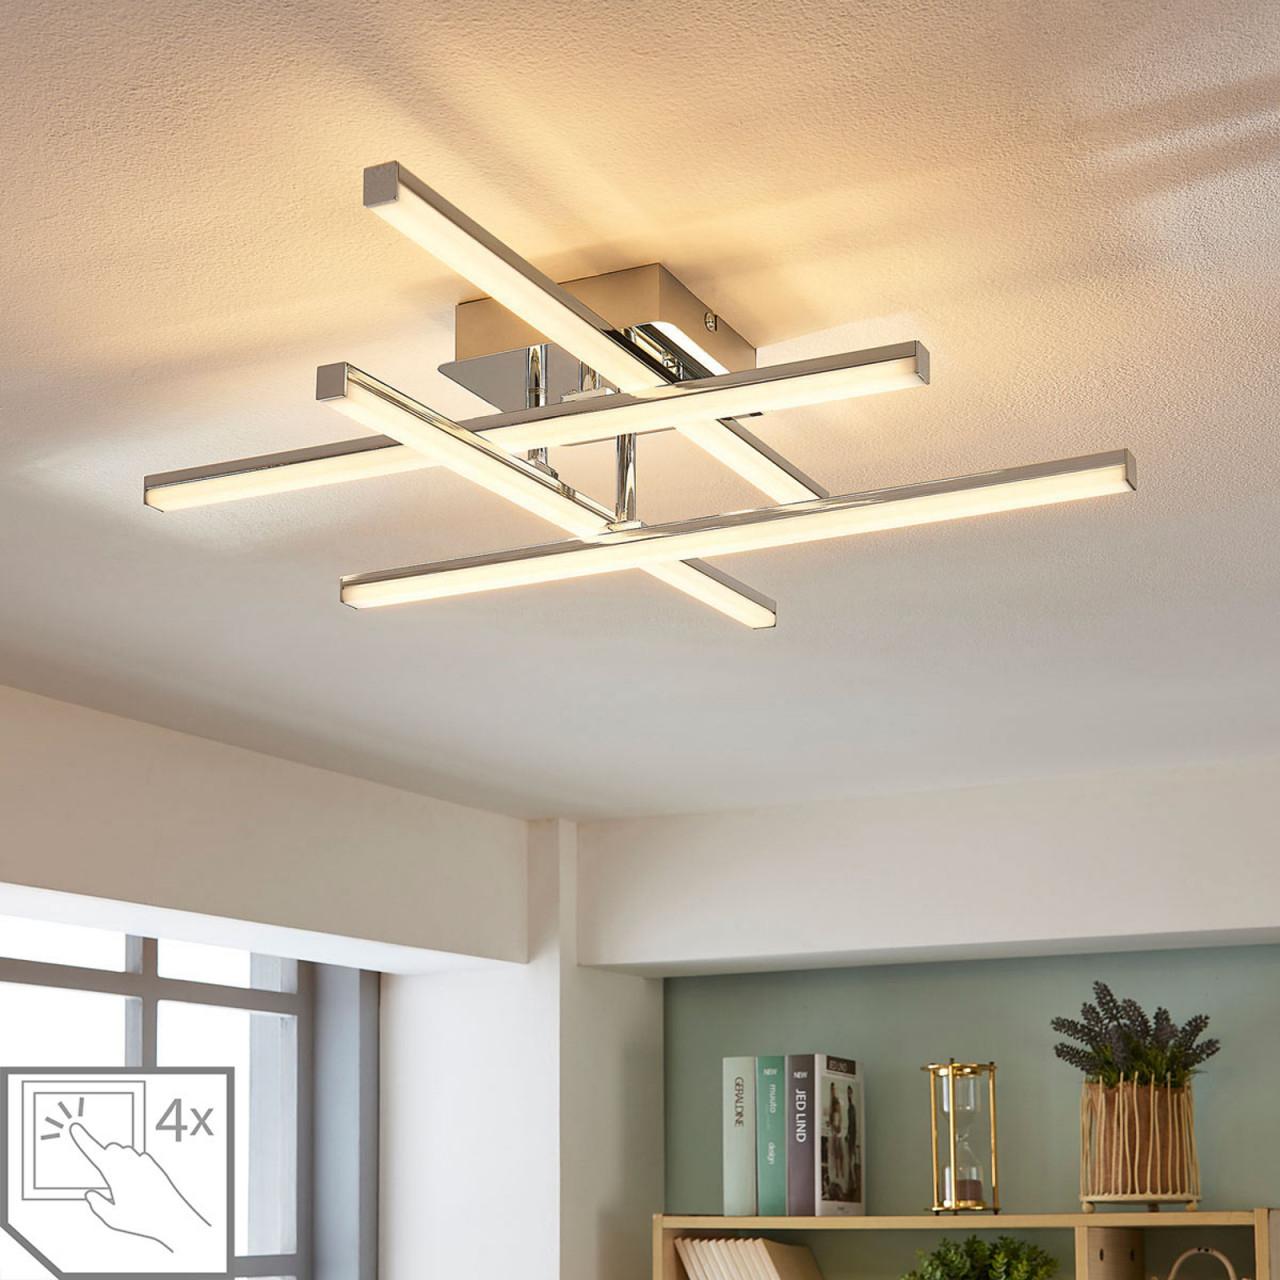 Möbel  Wohnaccessoires Küche Haushalt  Wohnen Für von Lampe Led Wohnzimmer Photo